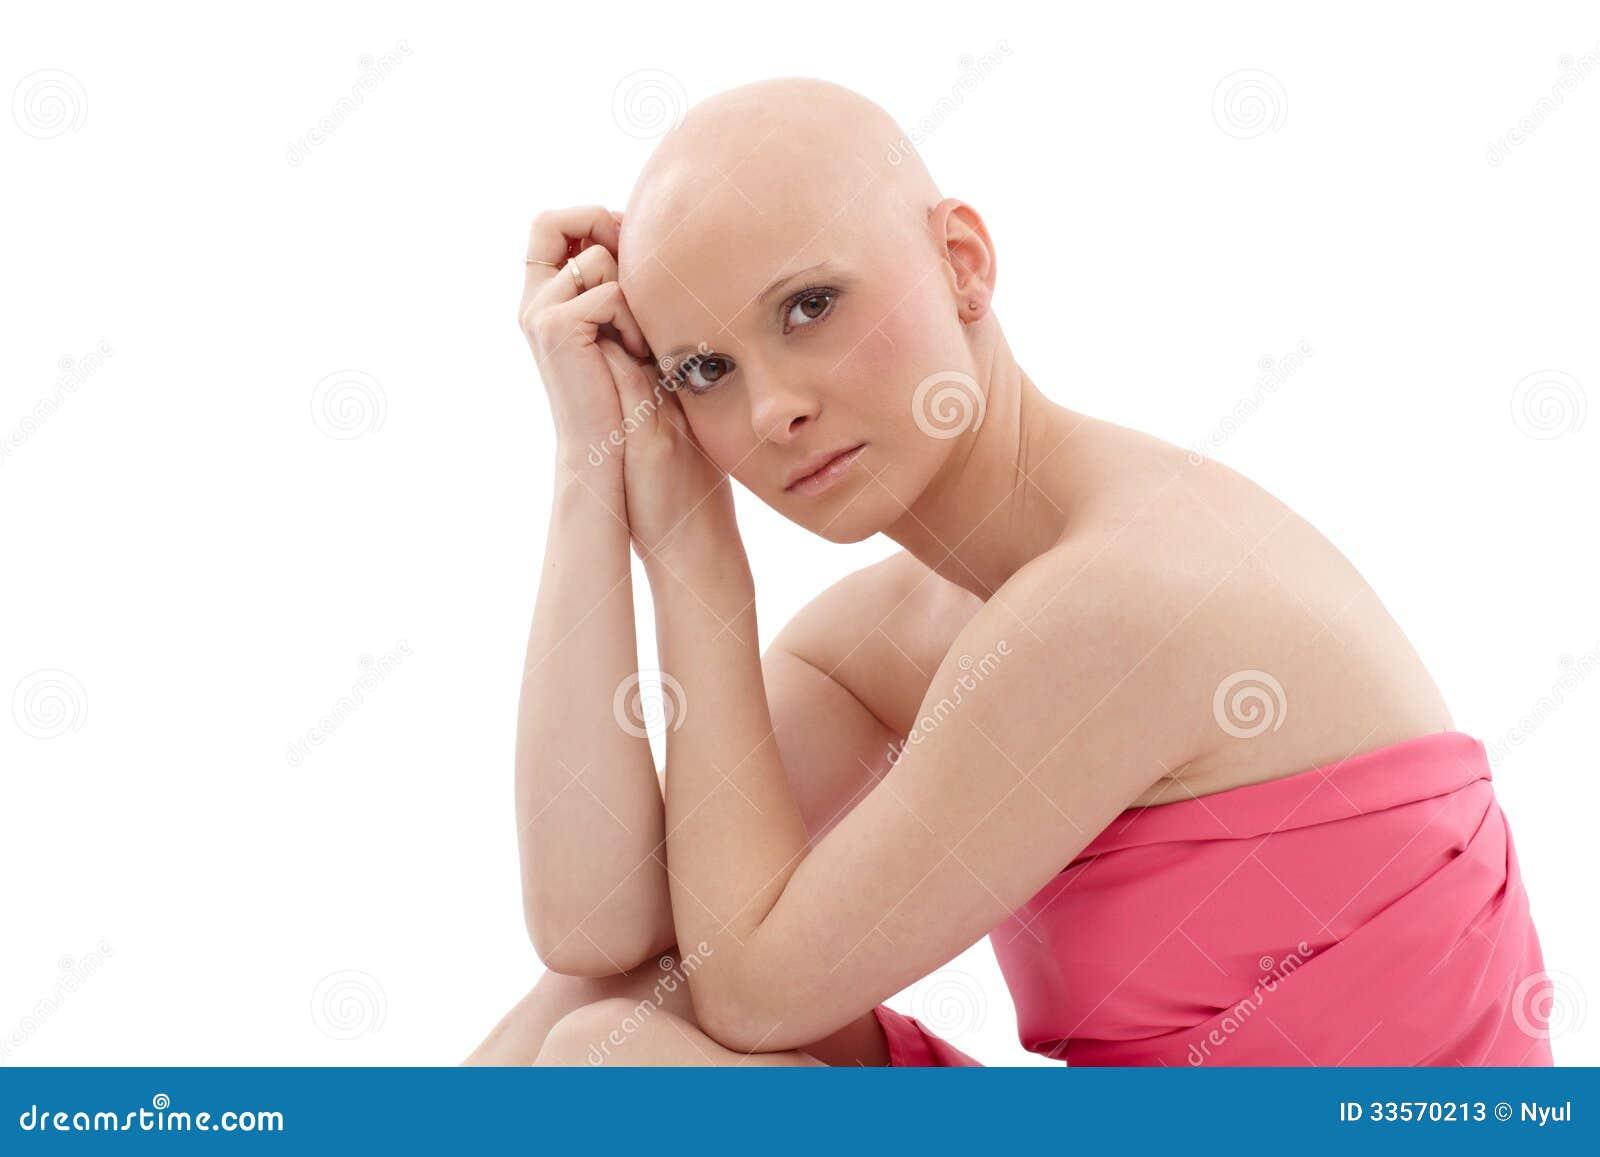 Hairless Women Video 10